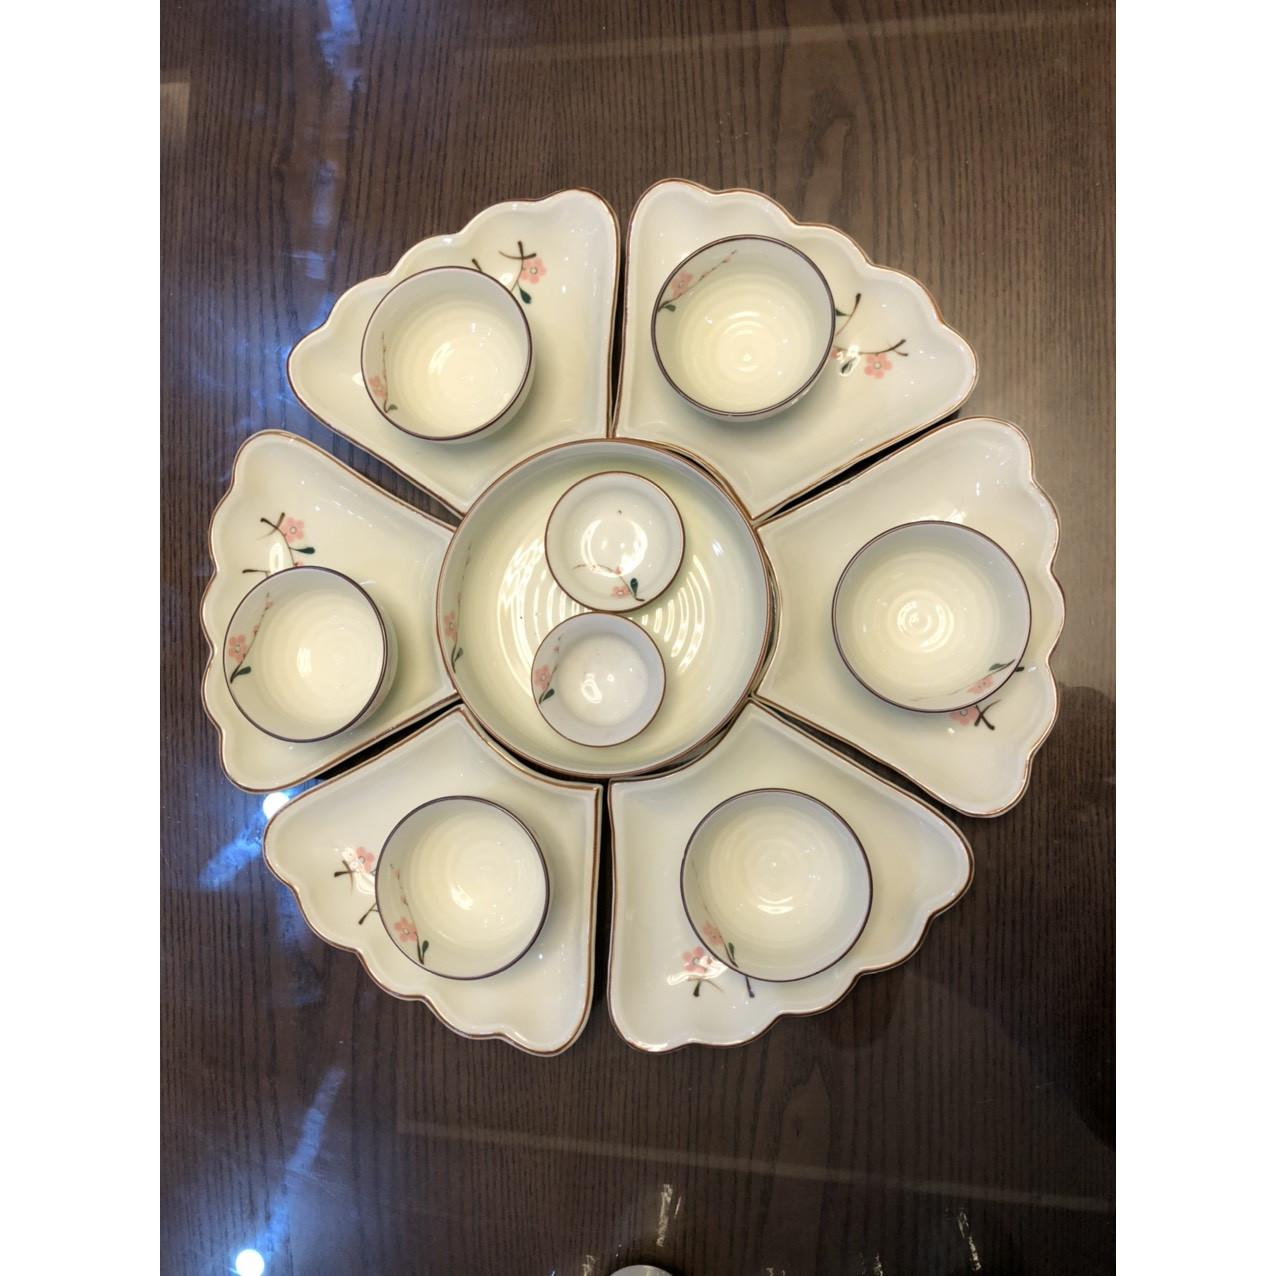 Bộ đĩa ăn hoa mặt trời vẽ hoa đào